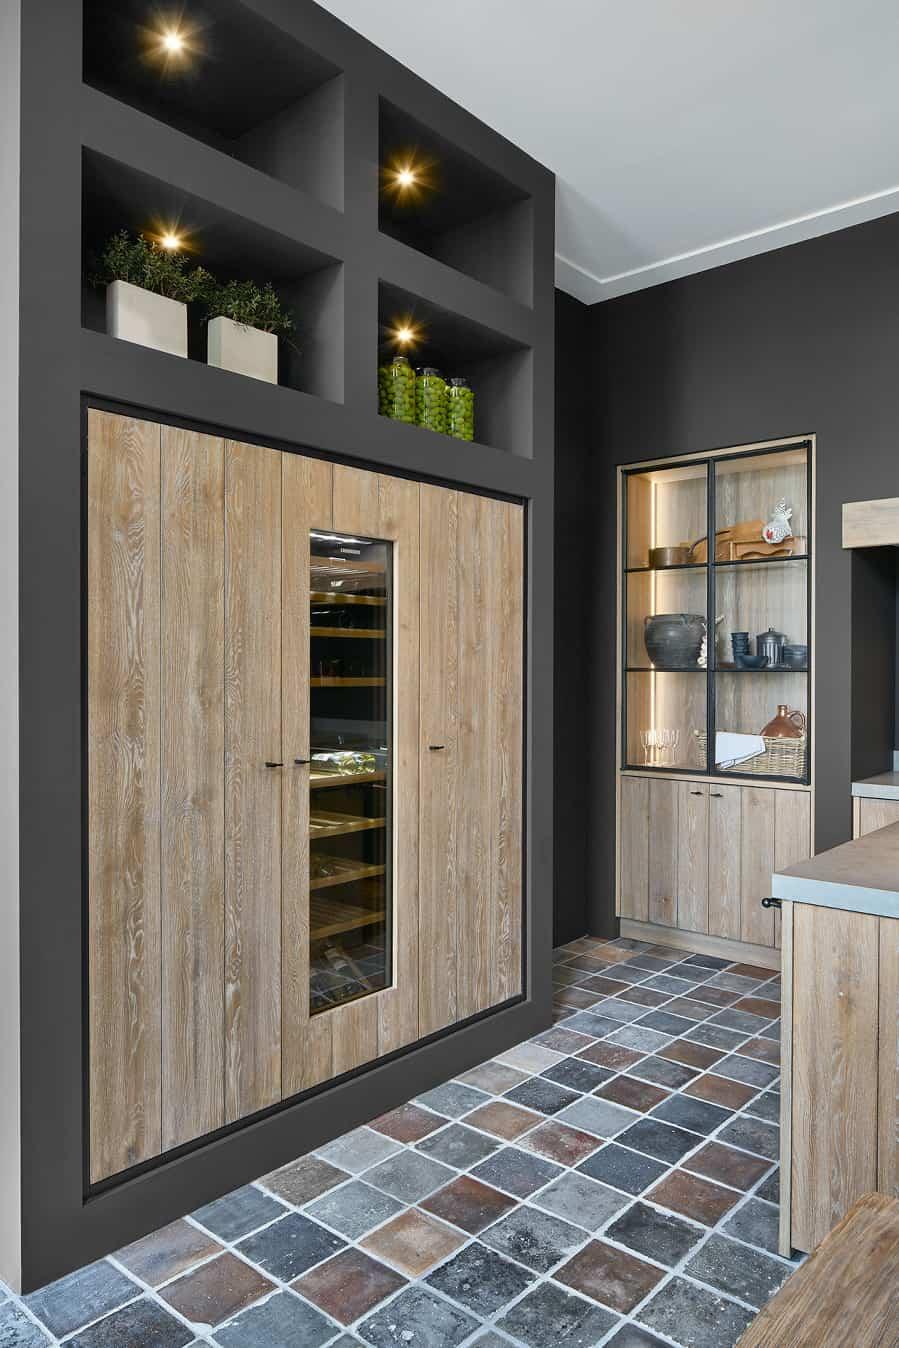 Houten koelkast inbouw woonkeuken